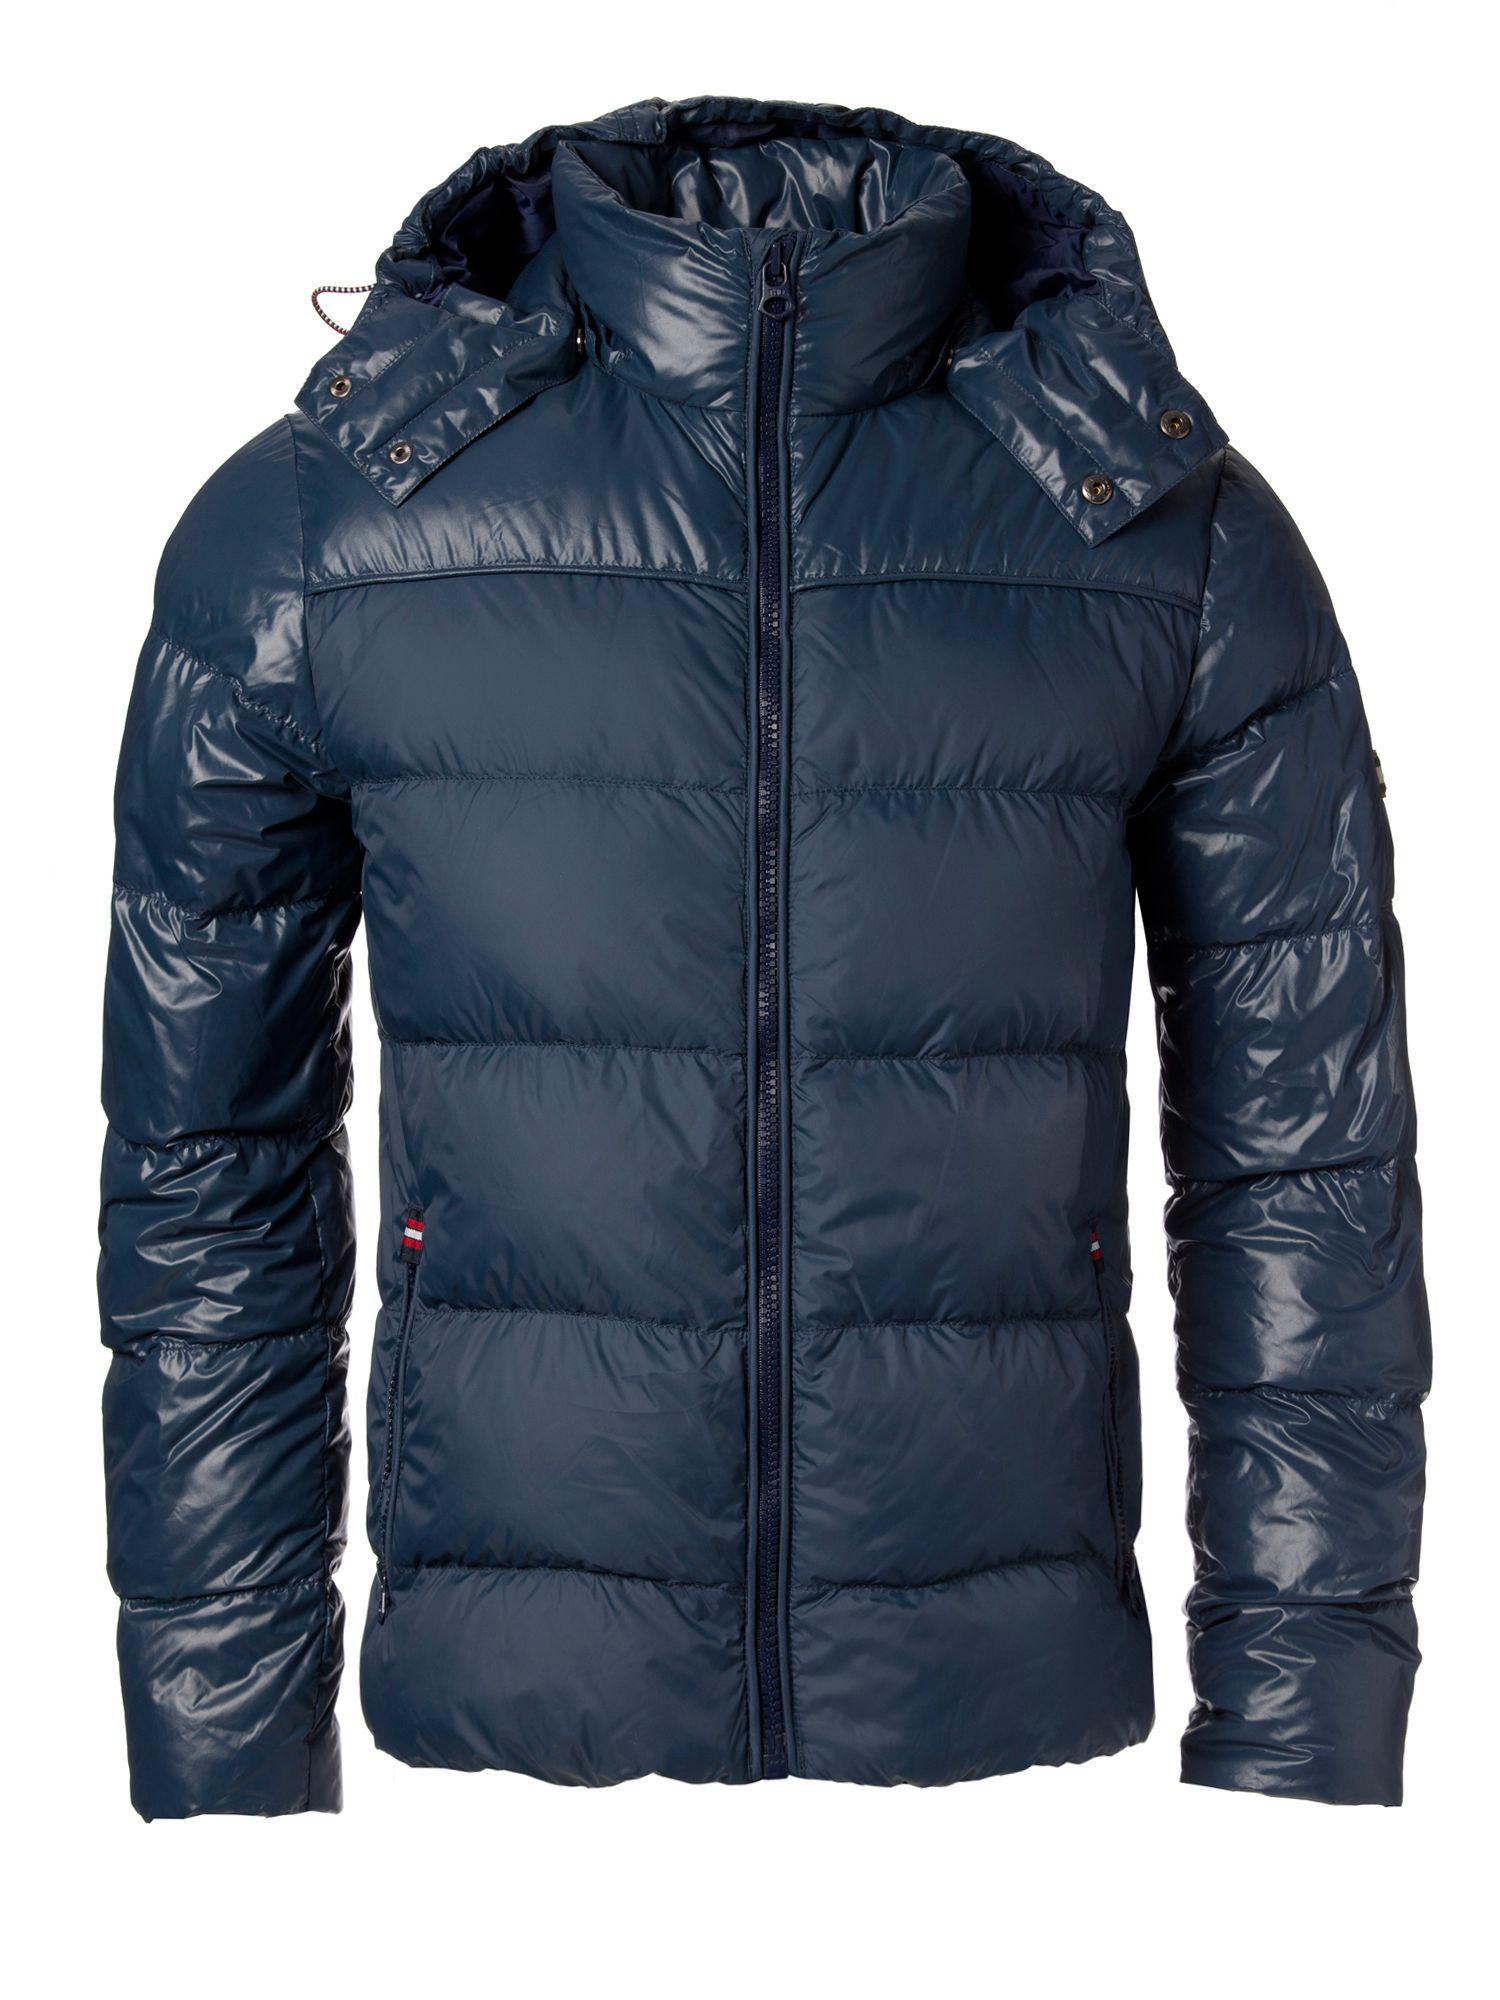 tommy hilfiger donnie down jacket in blue for men lyst. Black Bedroom Furniture Sets. Home Design Ideas